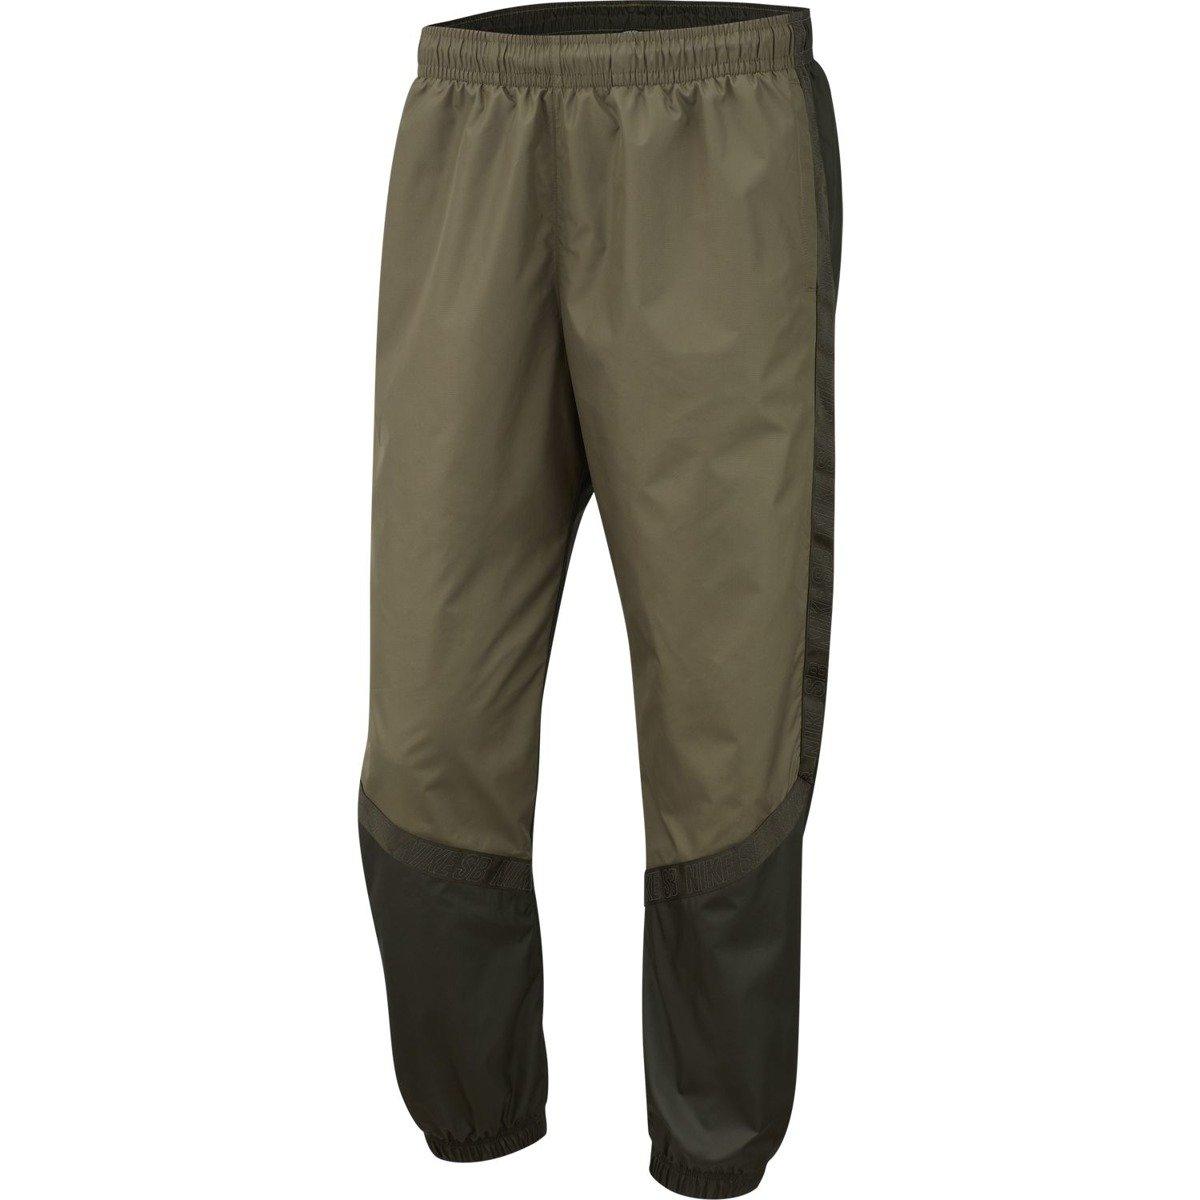 Nike sb Ishod Jacket Orange label Sequoiamedium Olivesequoia